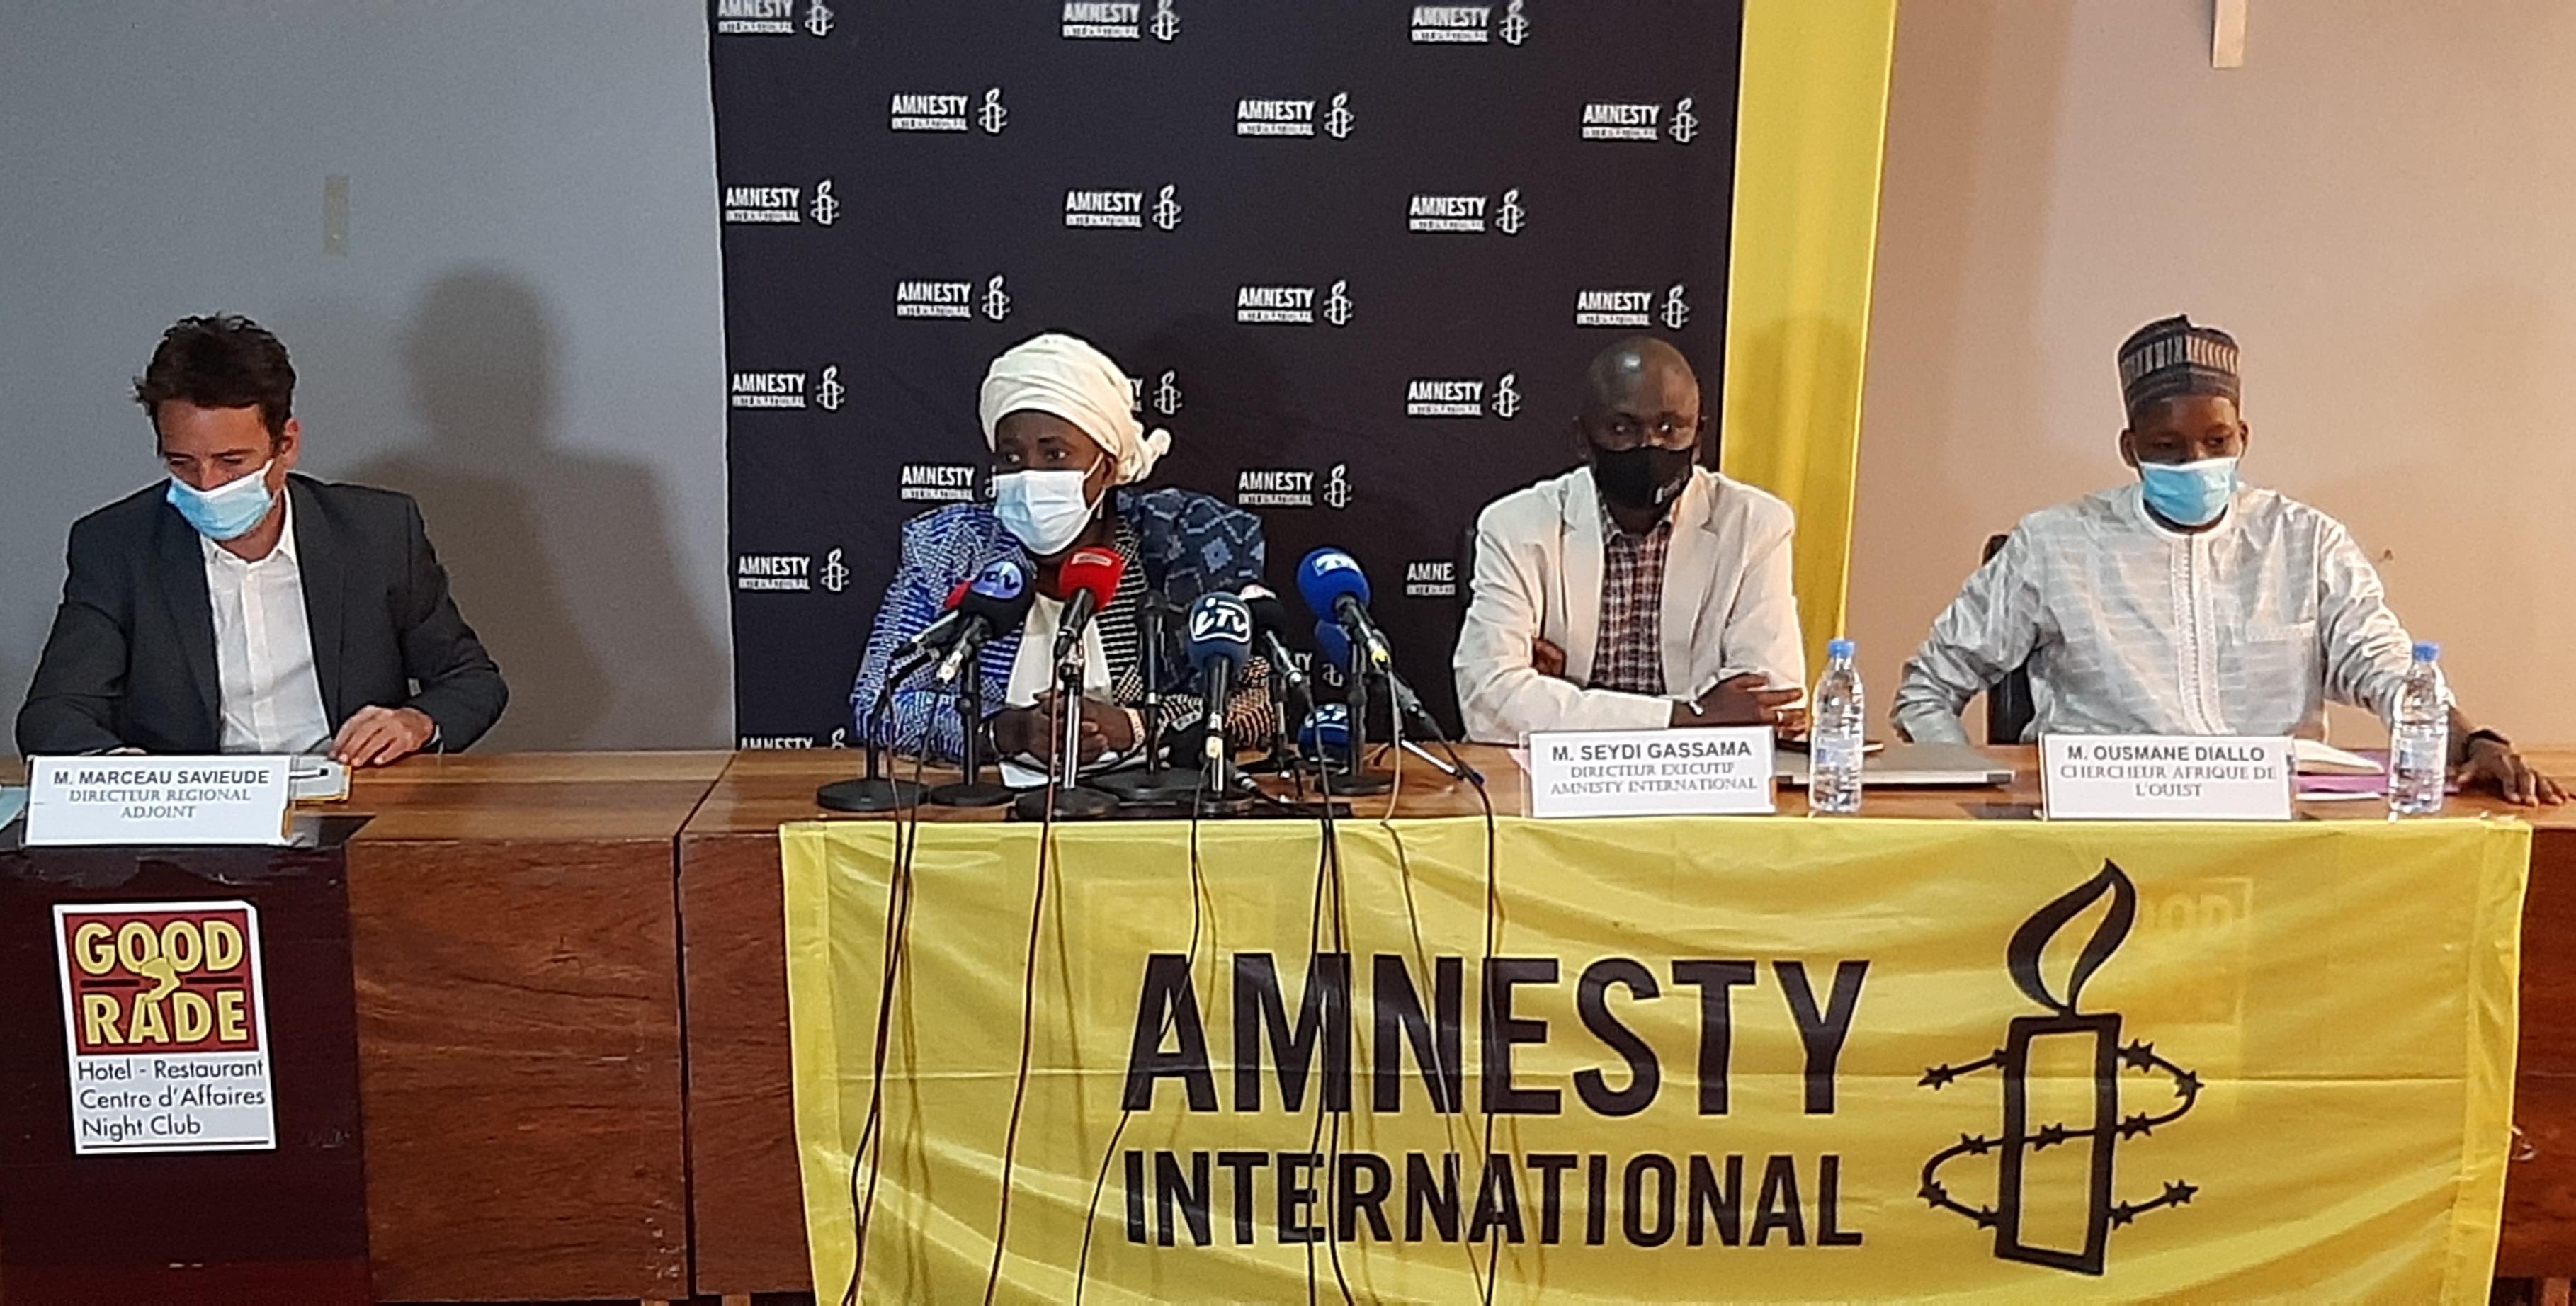 Défense des droits de l'homme / Les exécutions en chiffres pour l'année 2020 (Rapport Amnesty International)